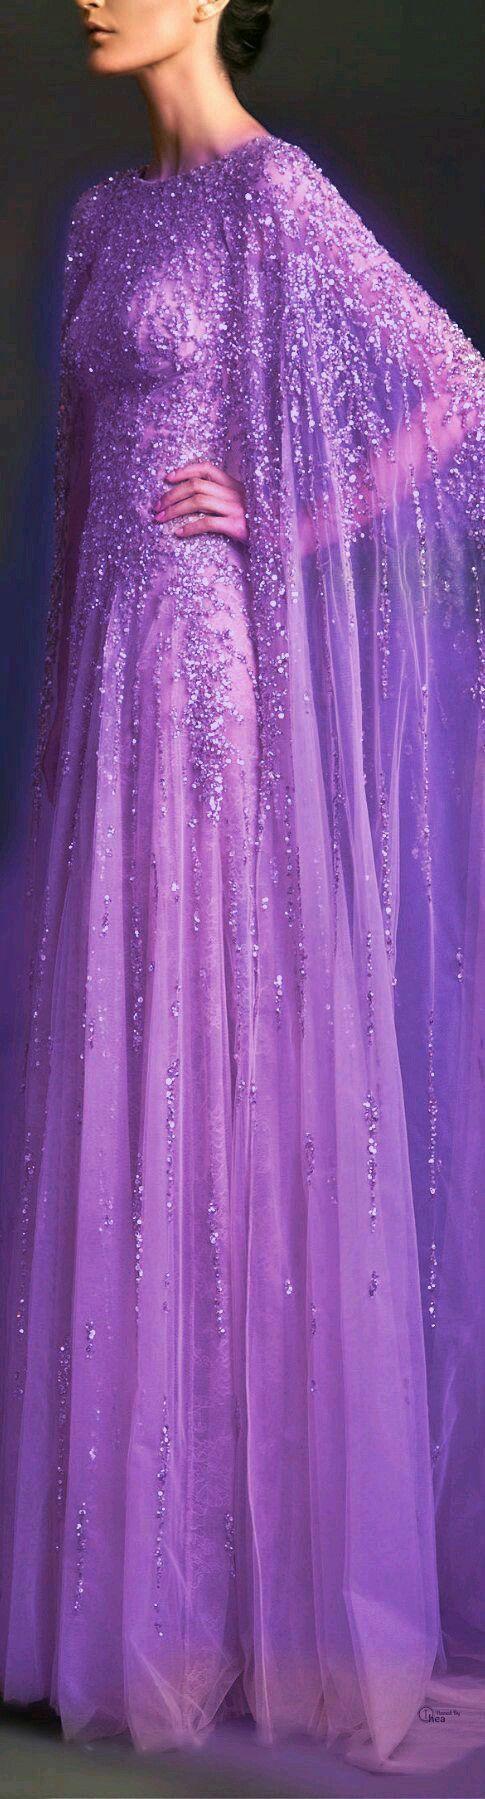 Mejores 274 imágenes de Dress en Pinterest | Baile de graduación ...